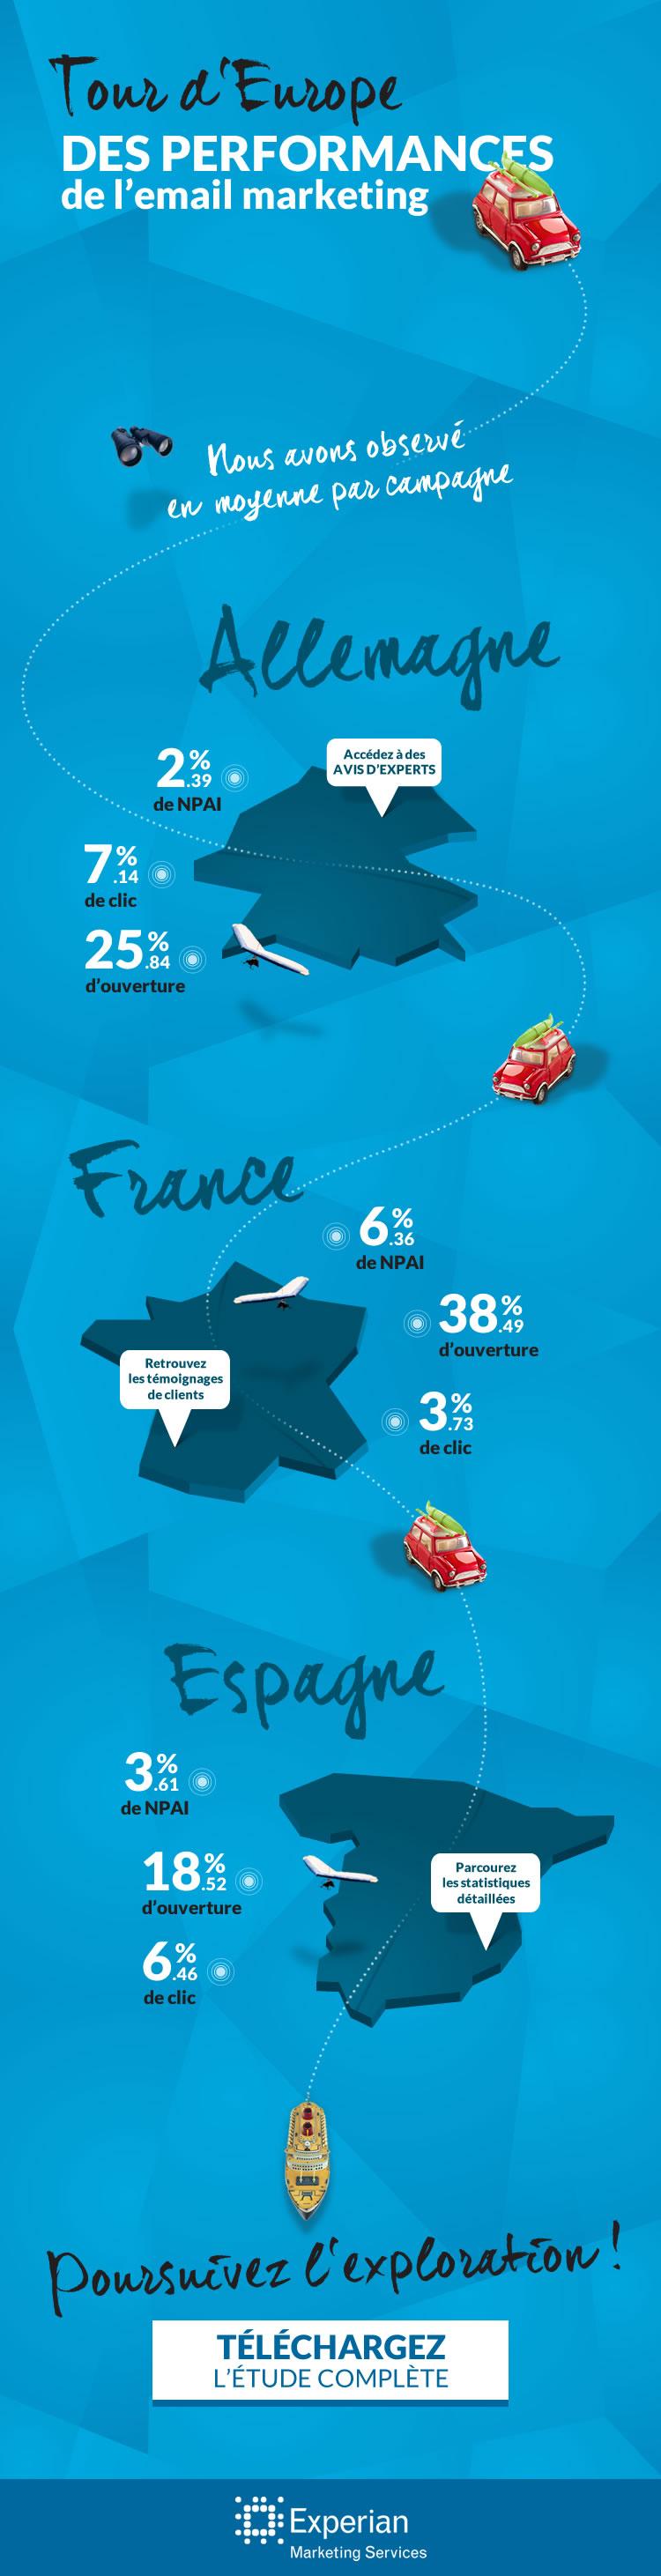 Les performances de l'email en europe